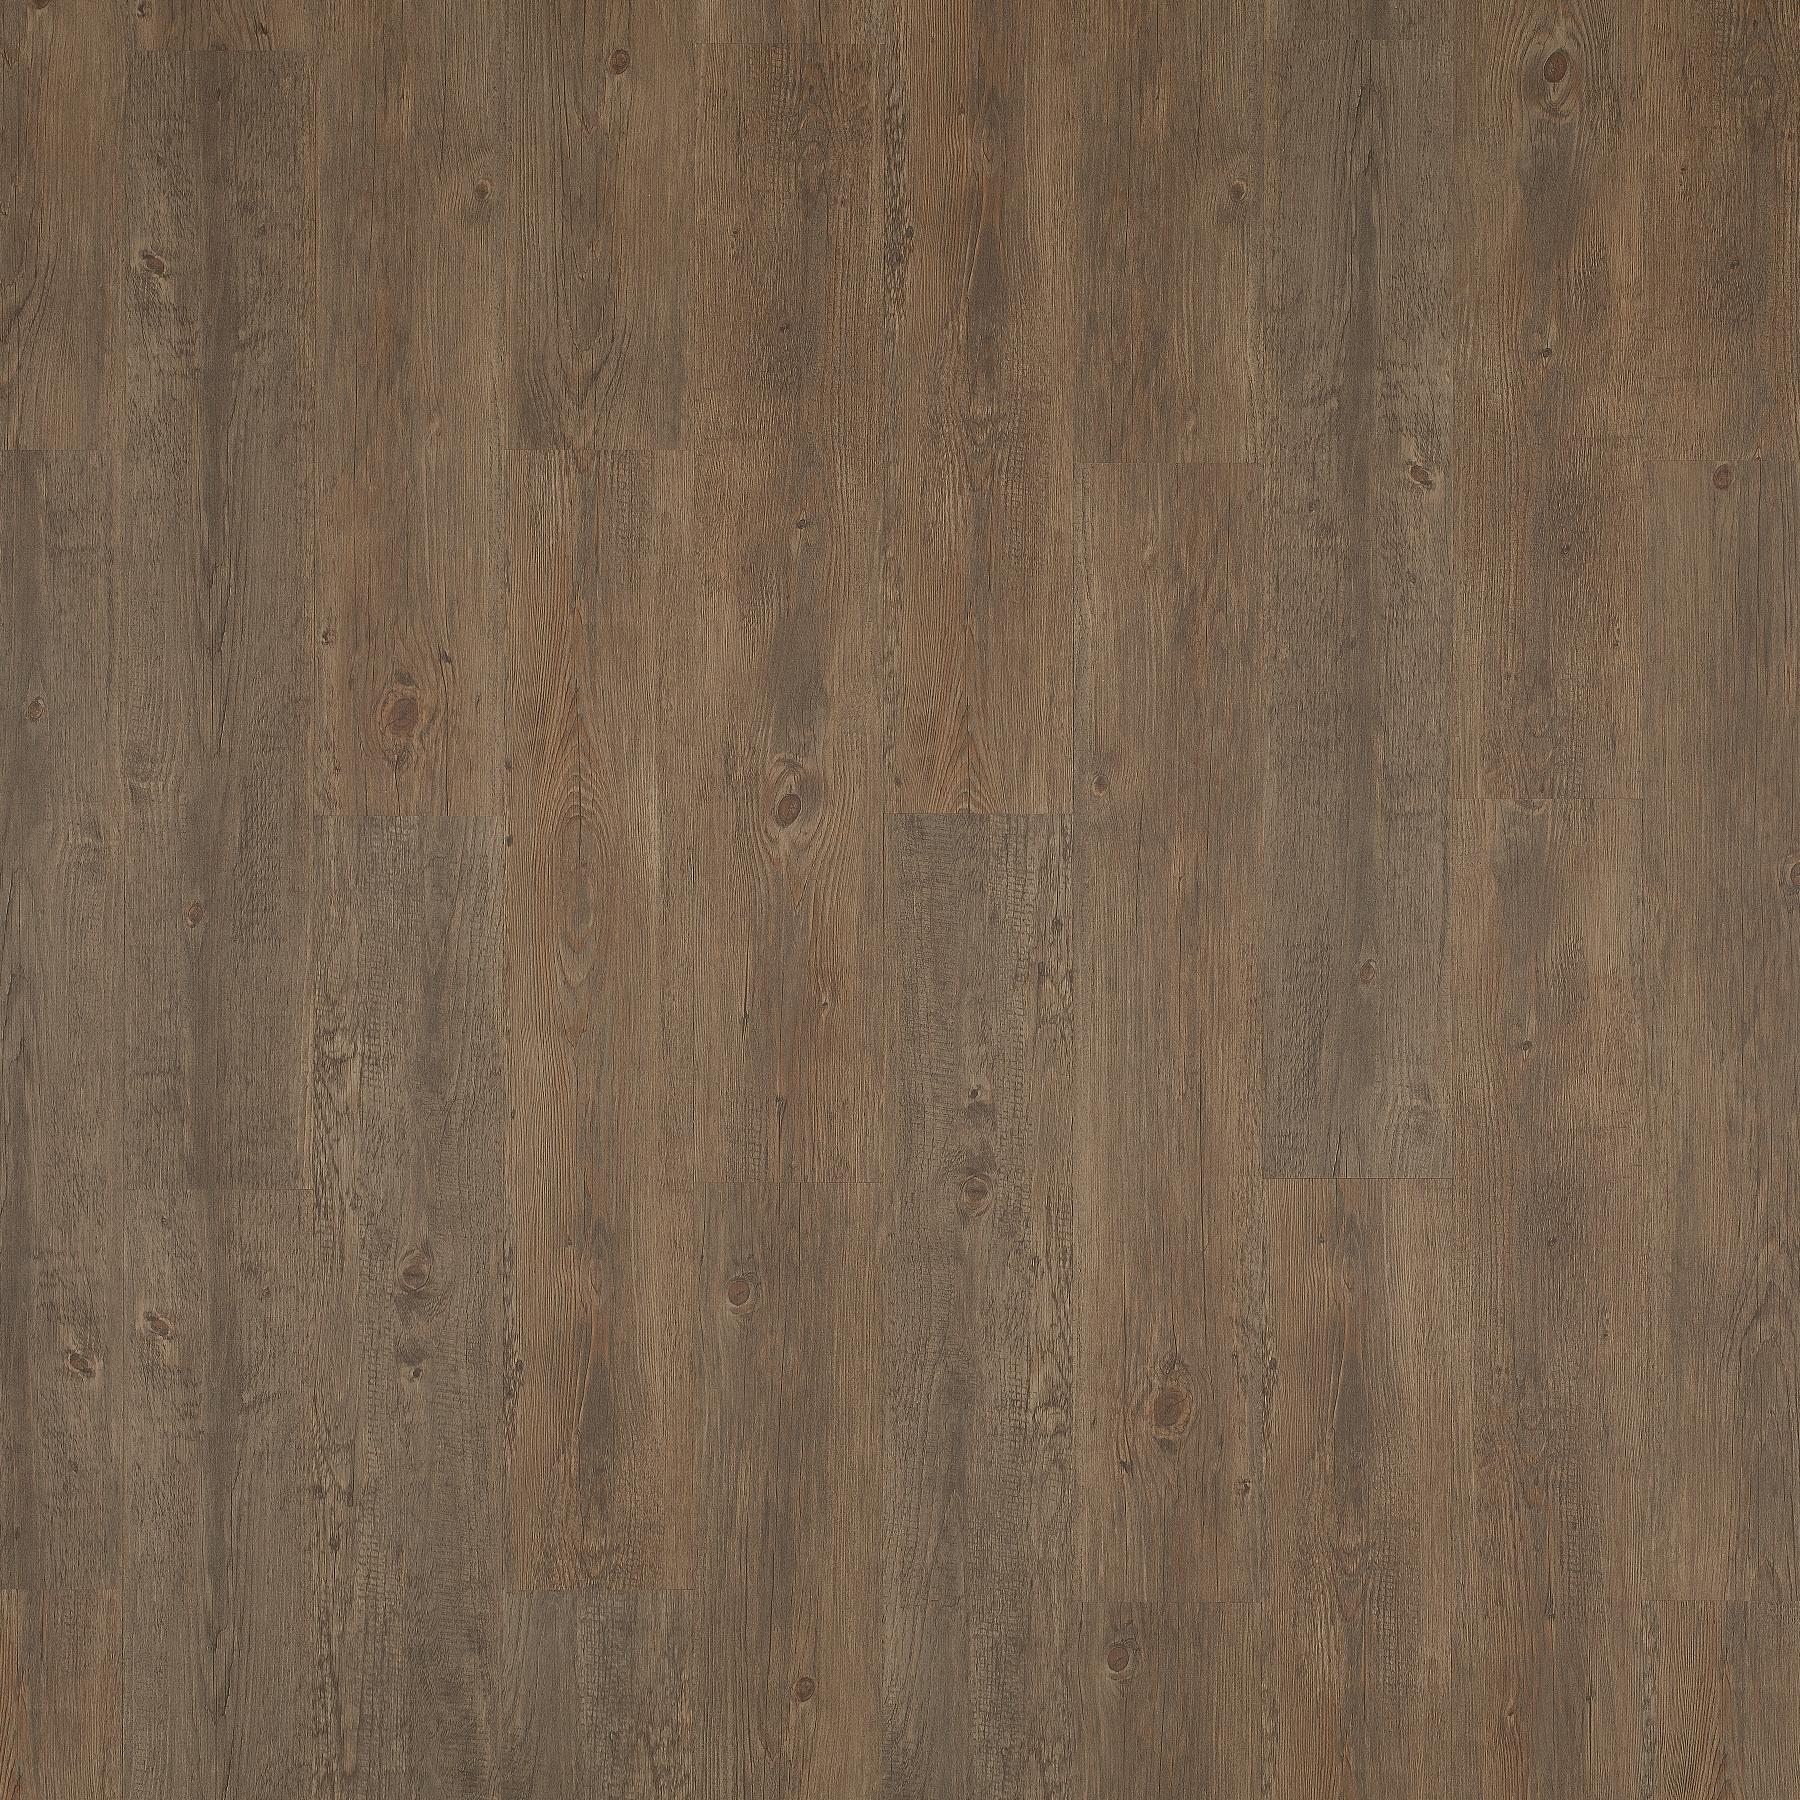 design floor lvt misty oak j 5024 055 jab anstoetz. Black Bedroom Furniture Sets. Home Design Ideas